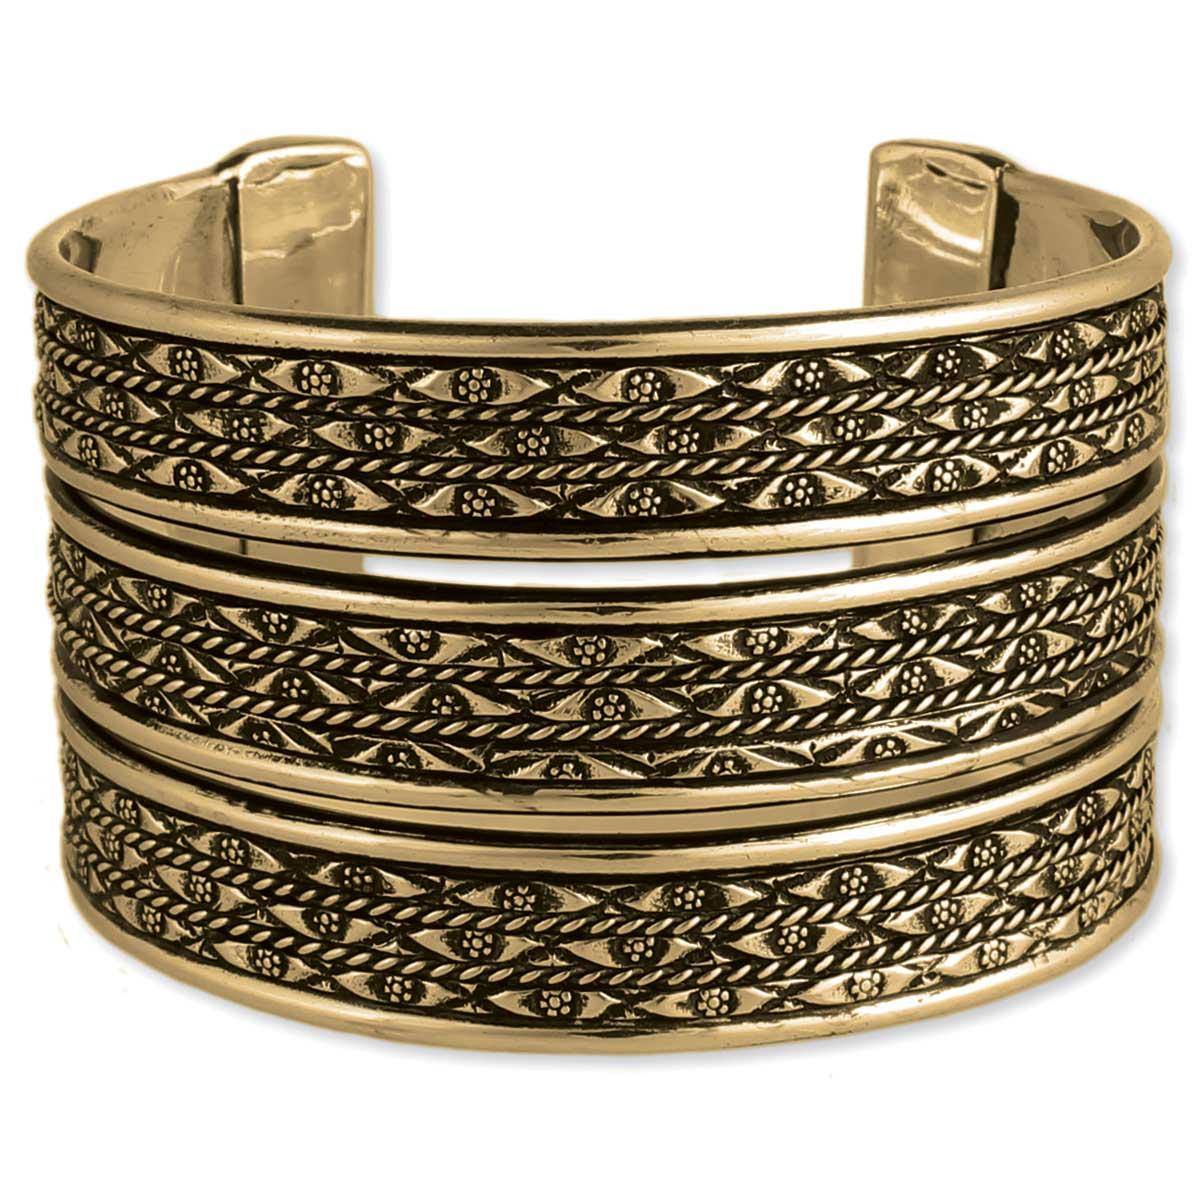 Textured 3 Line Gold Cuff Bracelet